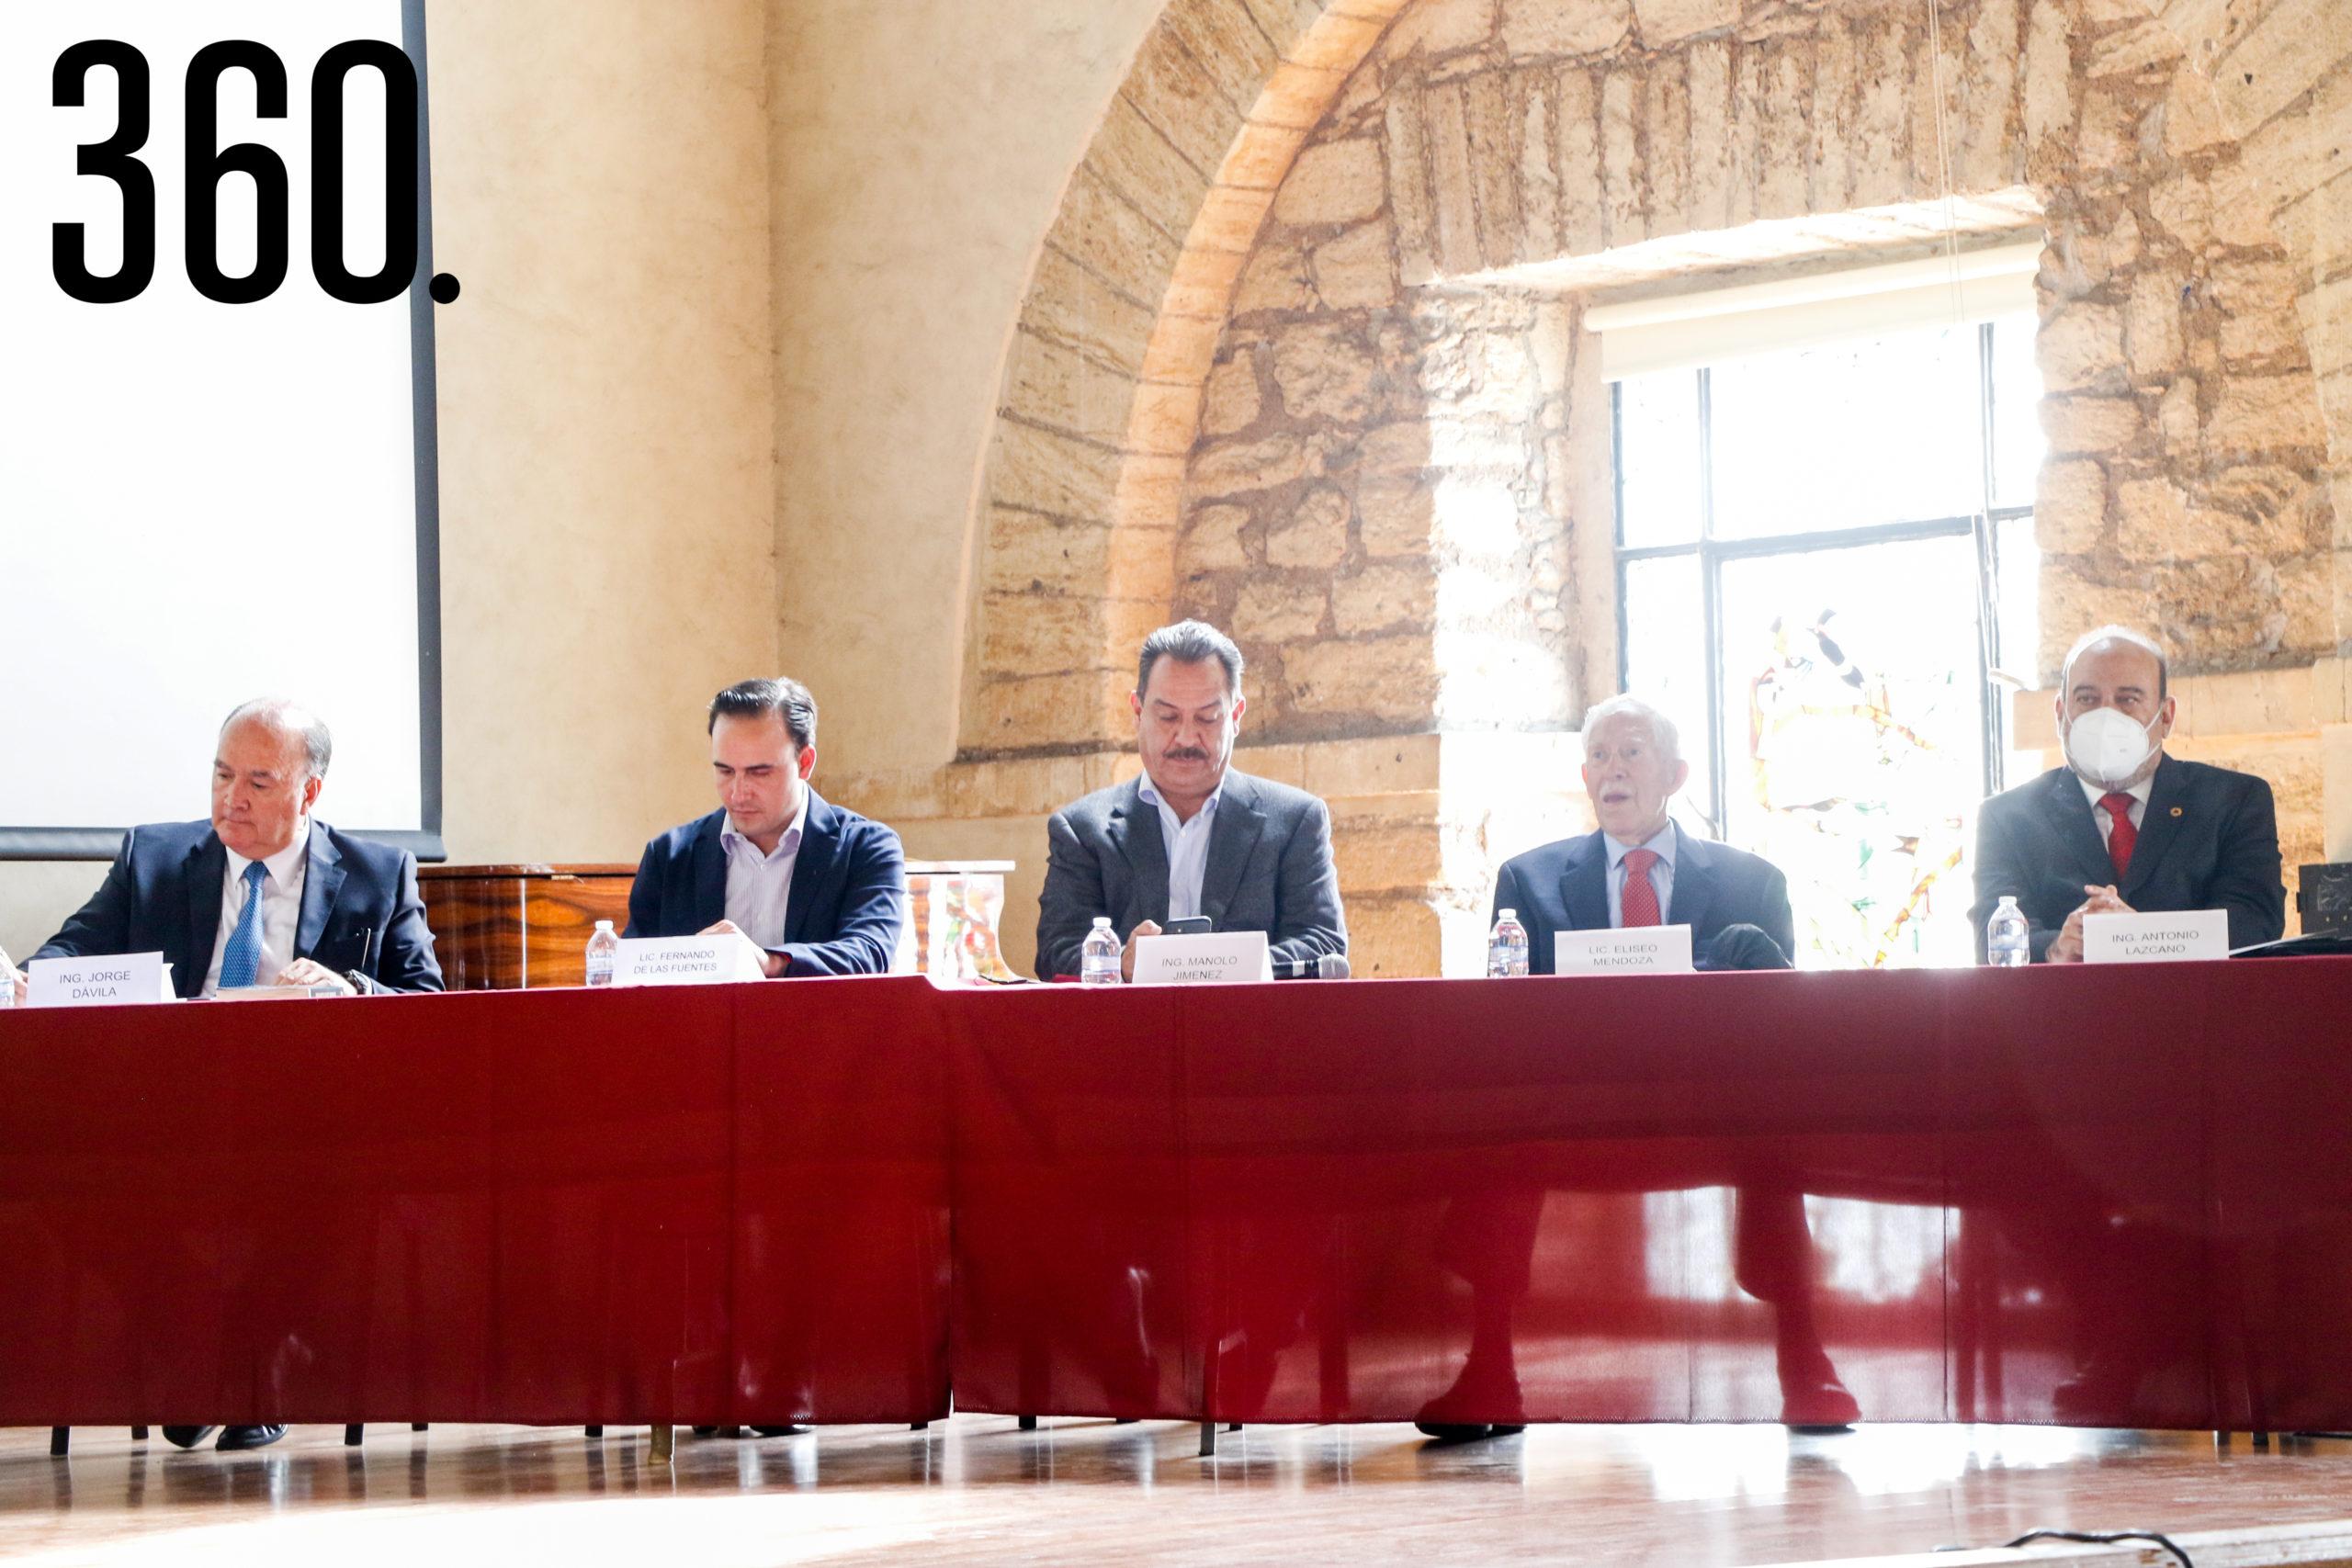 Jorge Dávila, Manolo Jiménez, Fernando de las Fuentes, Eliseo Mendoza y Antonio Lazcano.